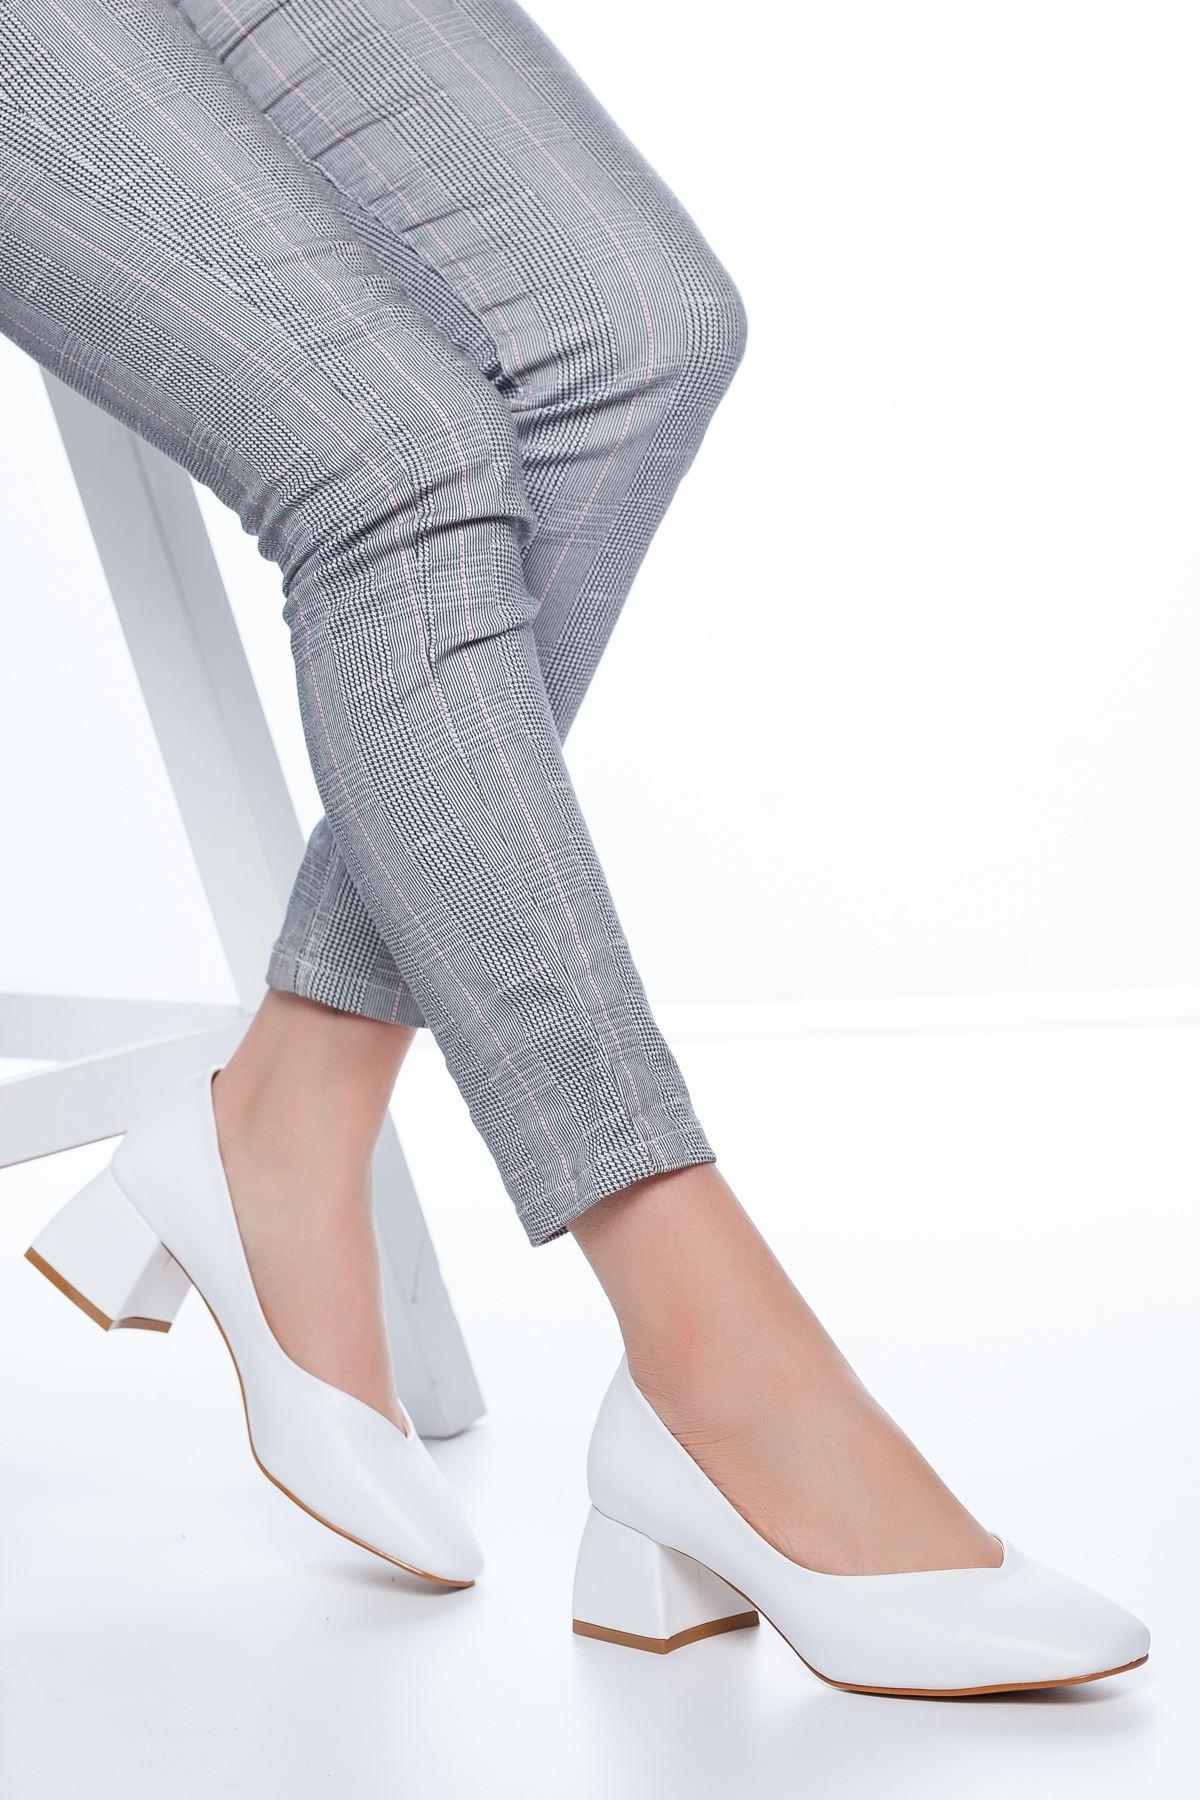 Adela Küt Burun Topuklu Cilt Ayakkabı Beyaz